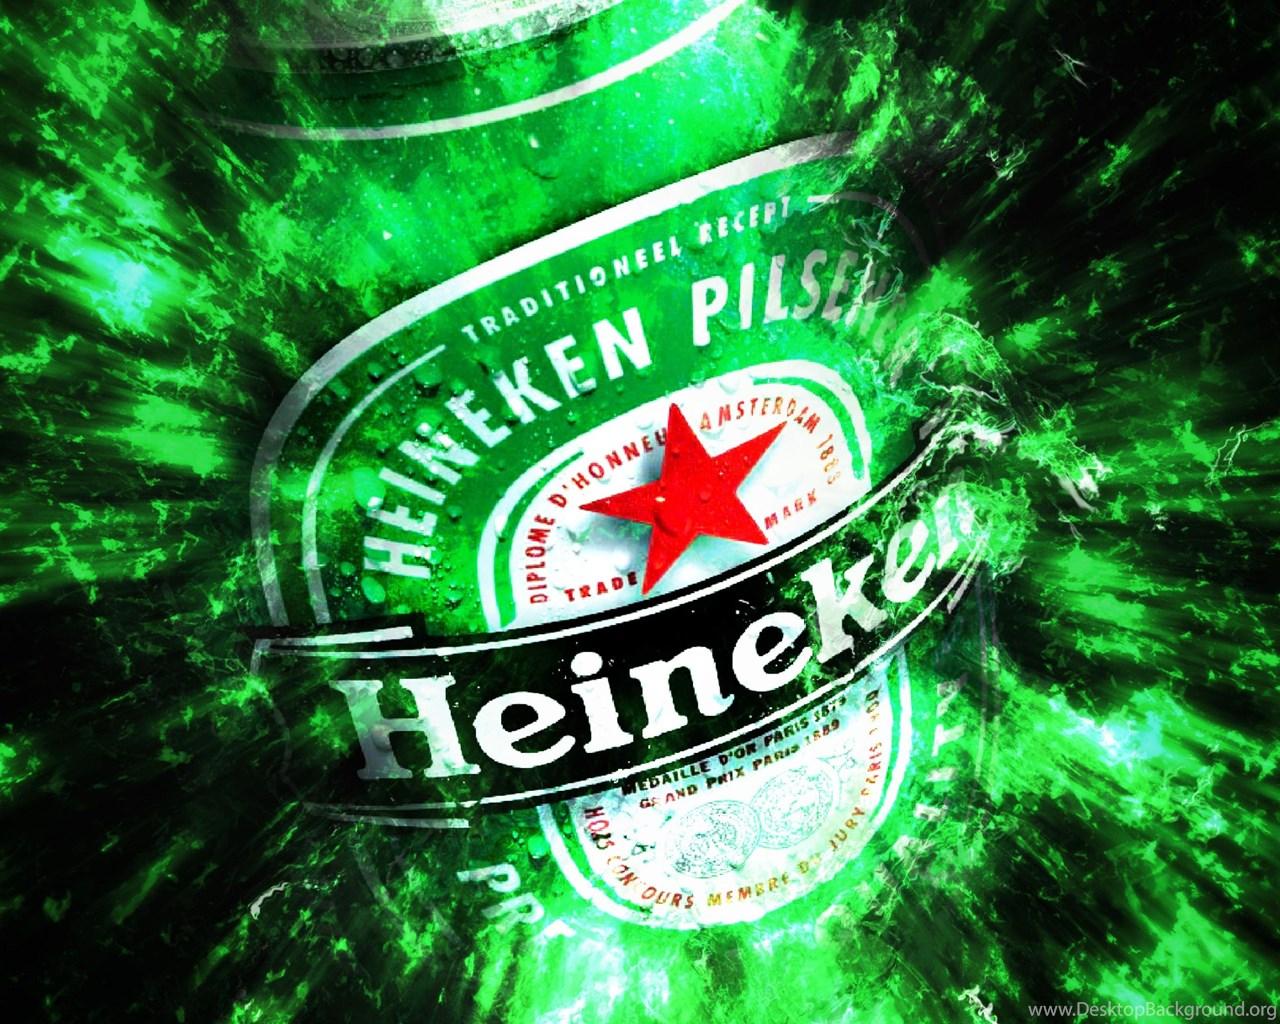 heineken beer financial performance of last 5 years Heineken has a revenue (5 year growth) of 096% heineken revenue (5 year growth) (heiny) charts, historical data, comparisons and more.